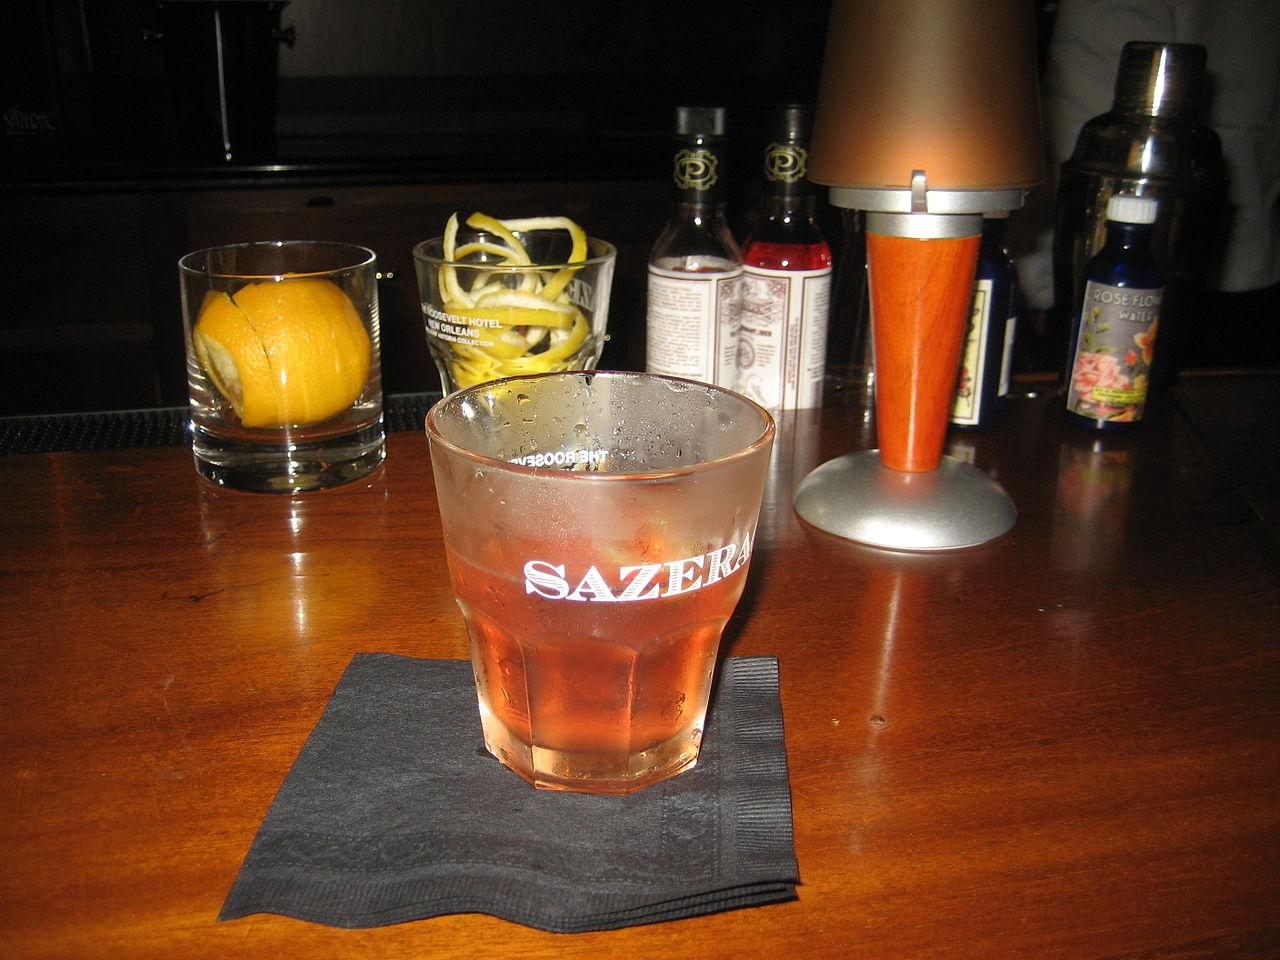 glass full of sazerac on a bar table